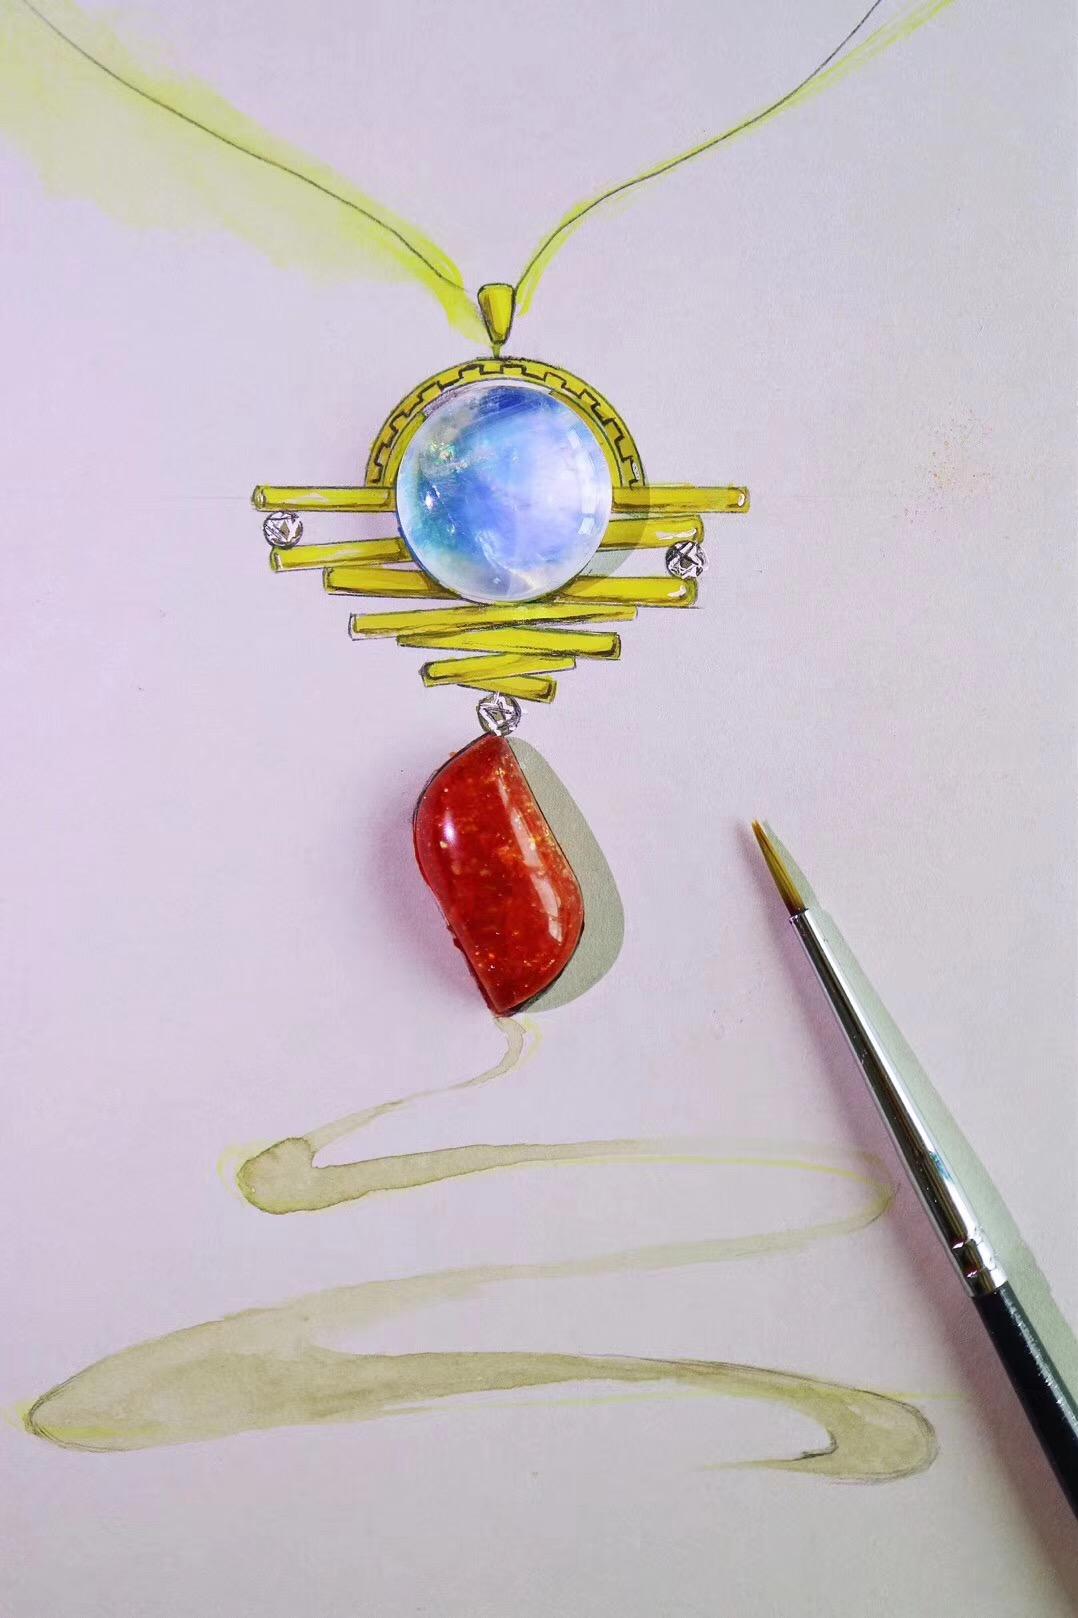 【菩心-太阳石、月光石】此刻,窗外日月同辉-菩心晶舍